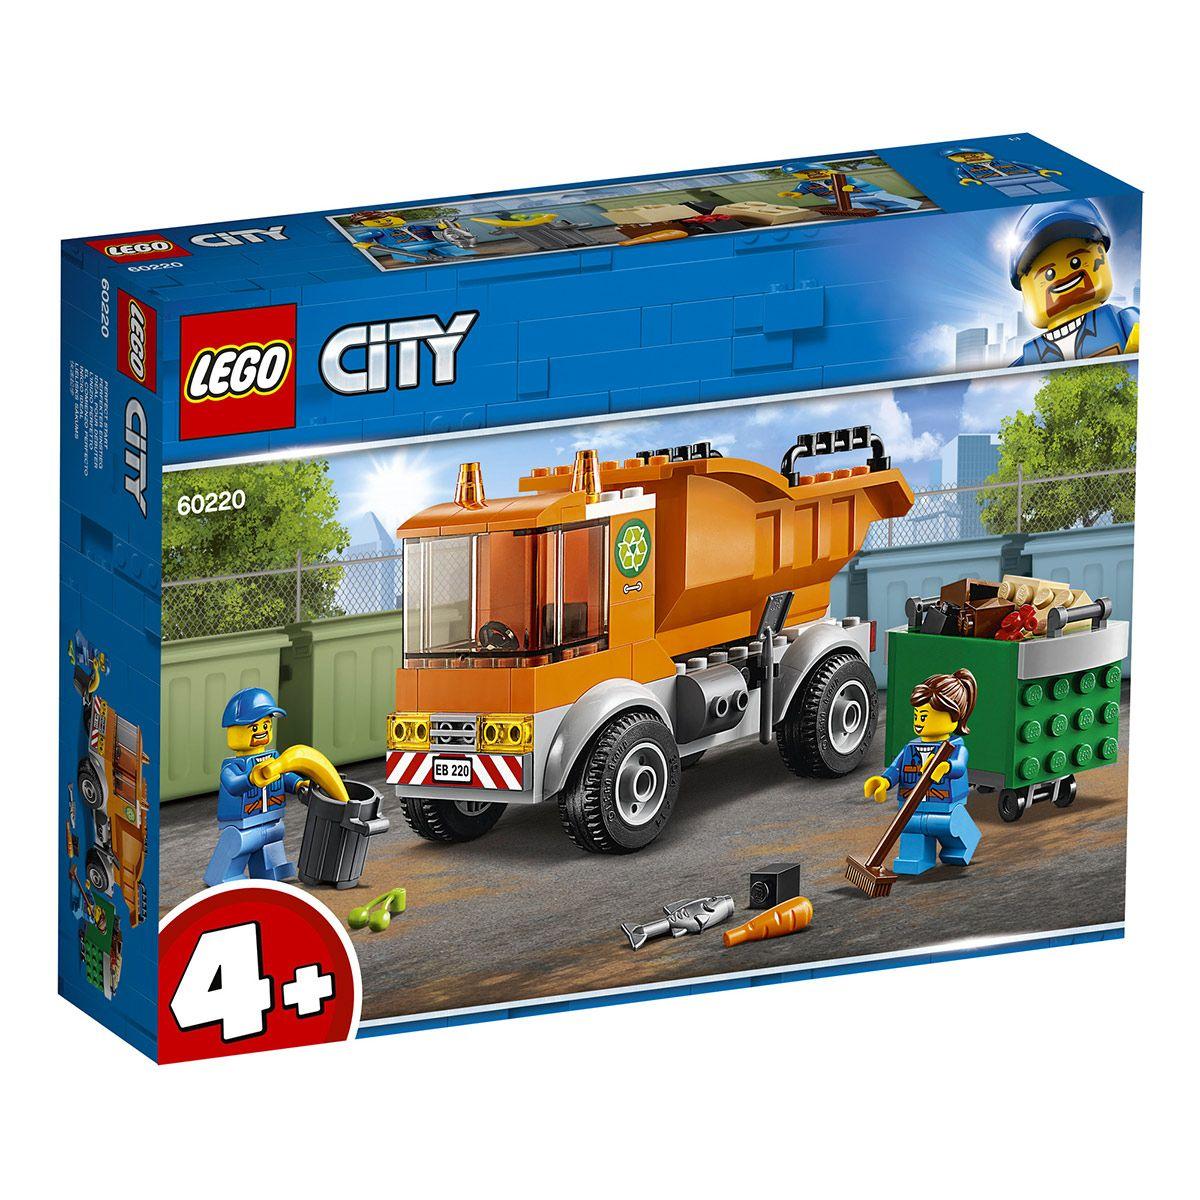 Le La De 60220 Travaux Et Poubelle Lego City Chantier Camion 9DH2IEW